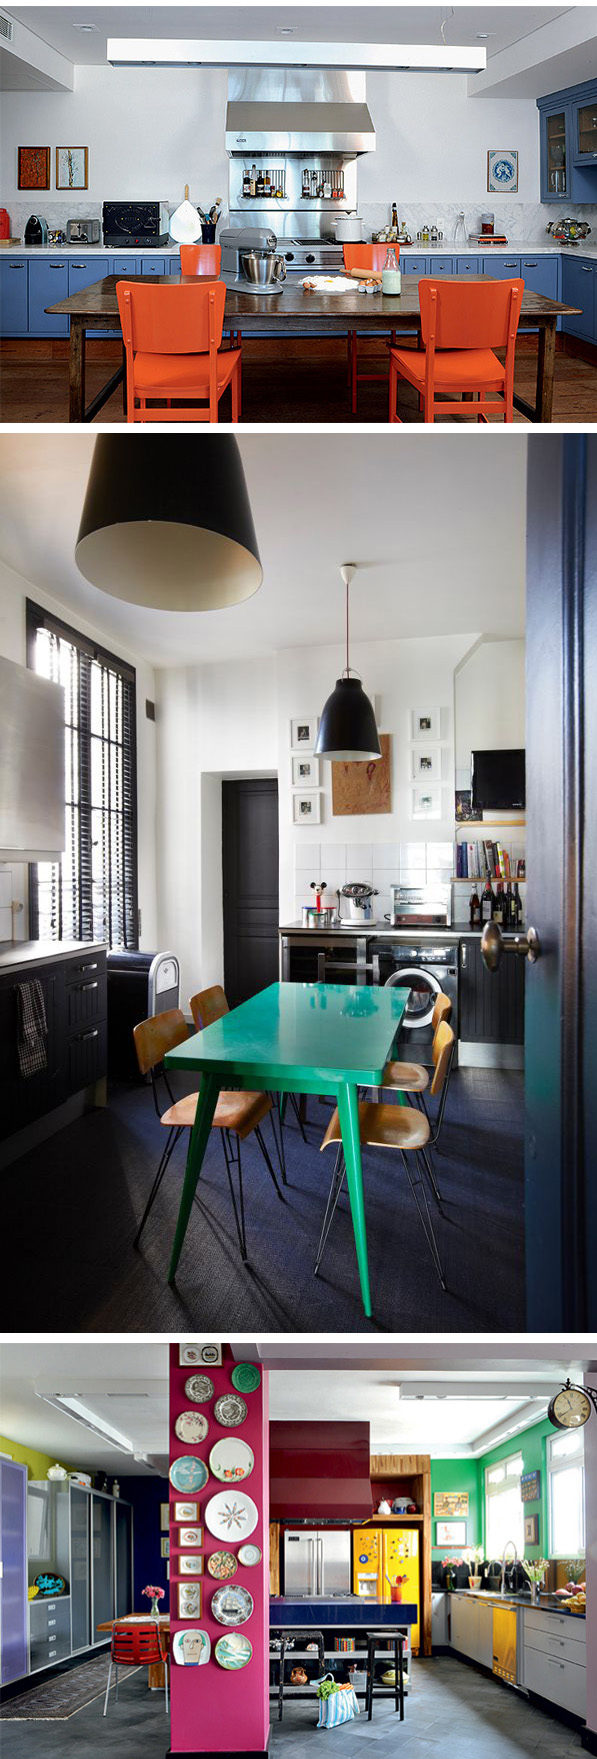 decore sua cozinha com ideias econômicas